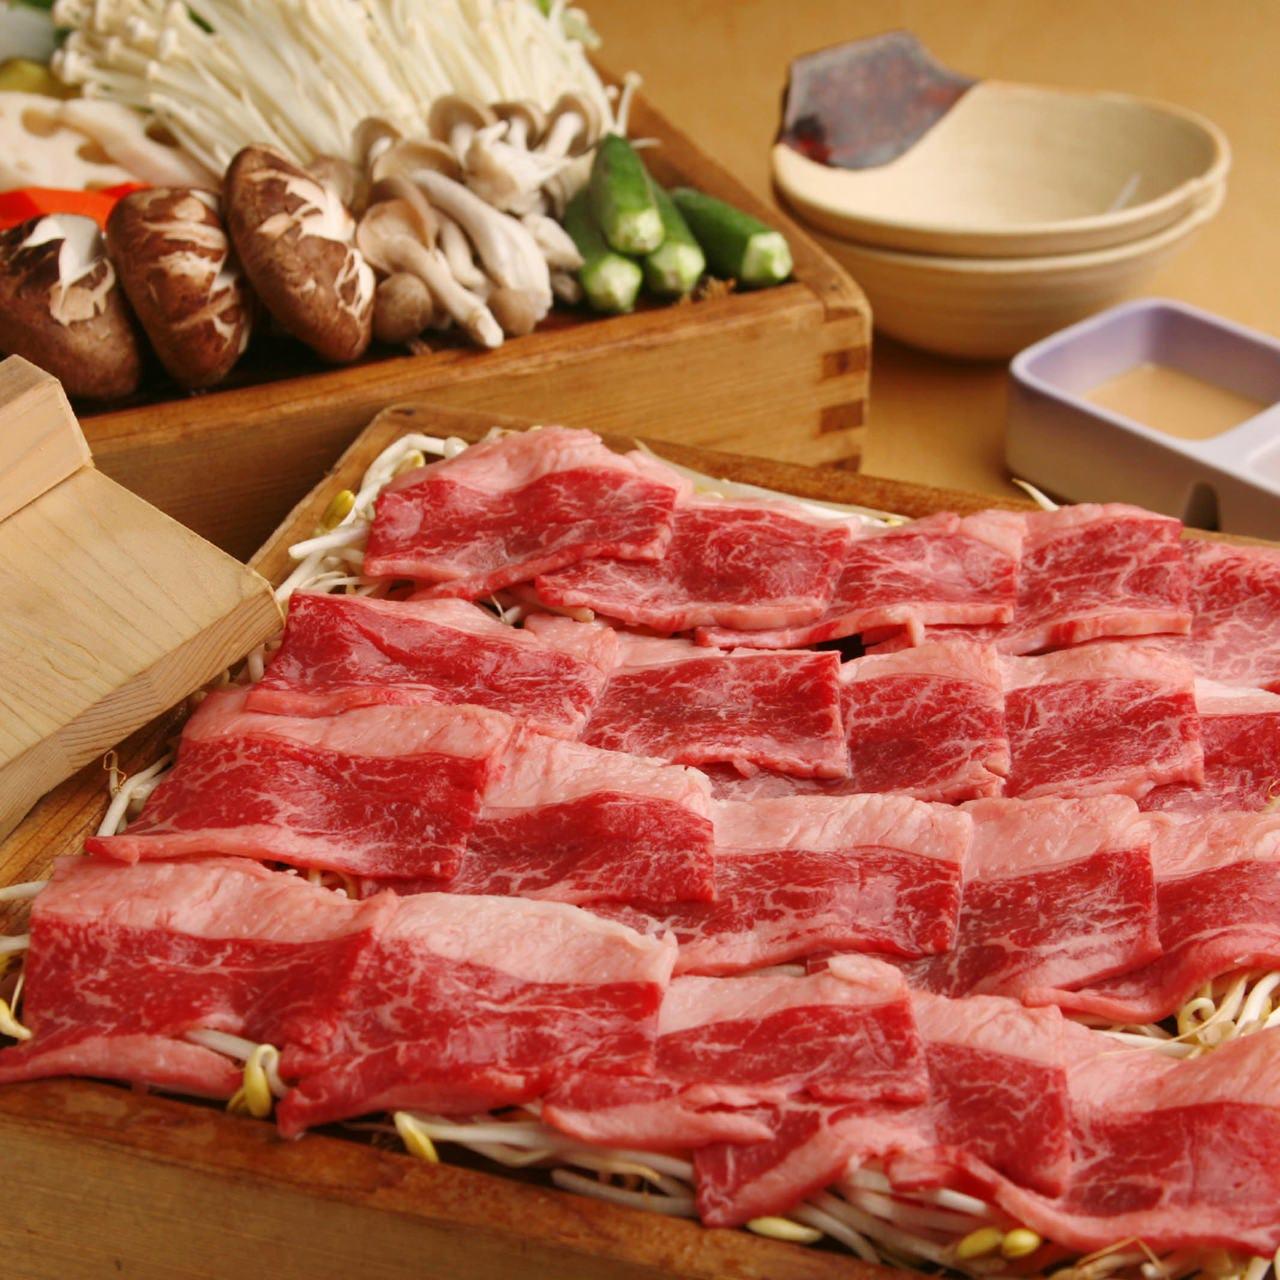 【蒸籠蒸し】上質な肉の旨味と野菜の甘さがぎっしり